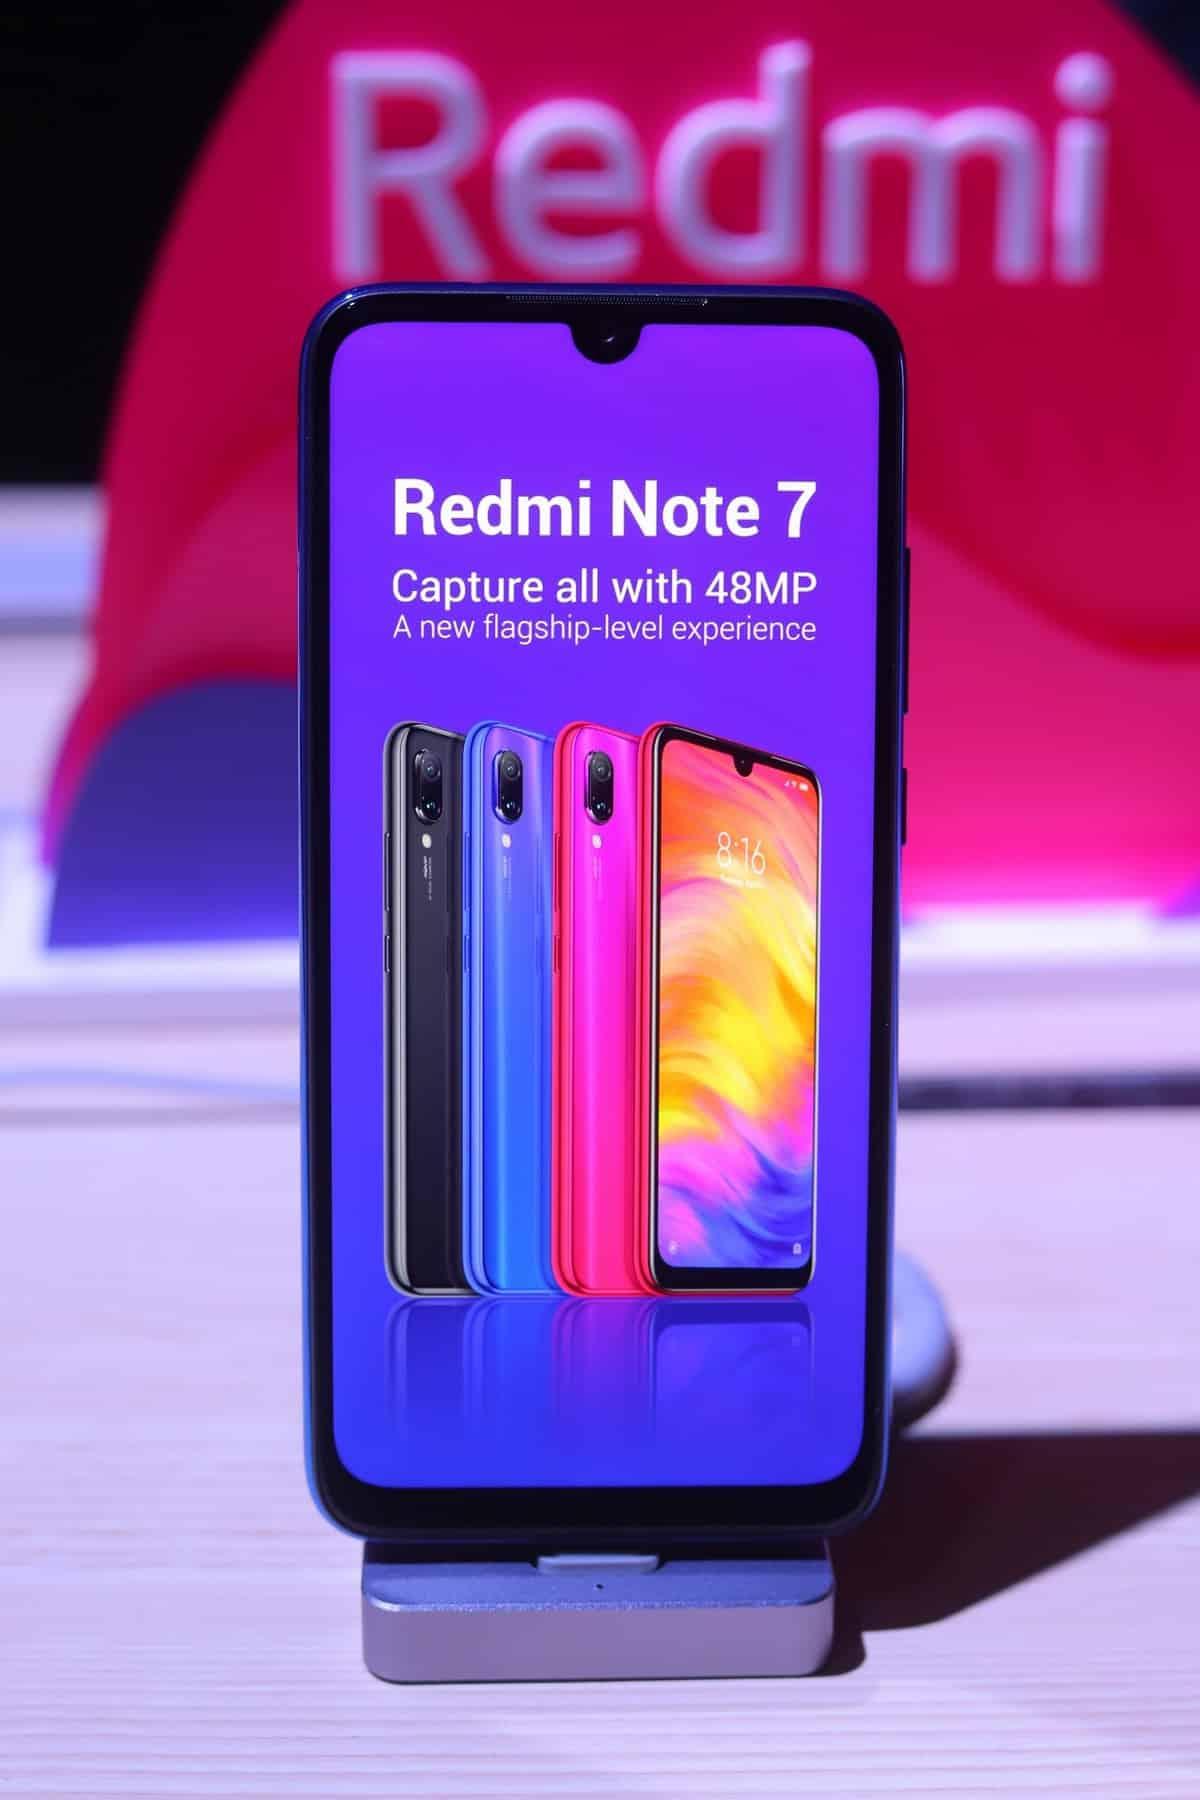 Redmi Note 7 1 1 - เสียวหมี่ เปิดตัว Redmi Note 7 อย่างเป็นทางการในประเทศไทย